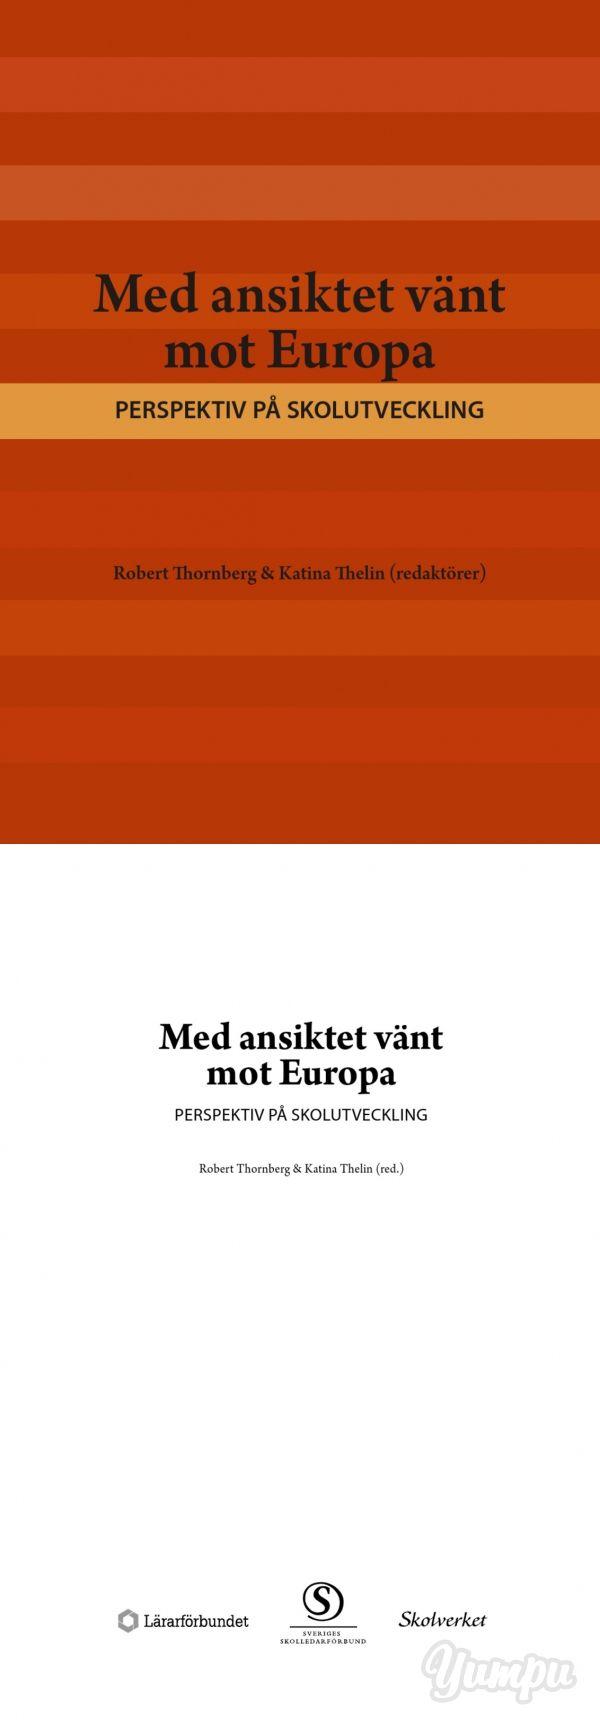 Med ansiktet vänt mot Europa - Lärarförbundet - Magazine with 130 pages: Med ansiktet vänt mot Europa - Lärarförbundet